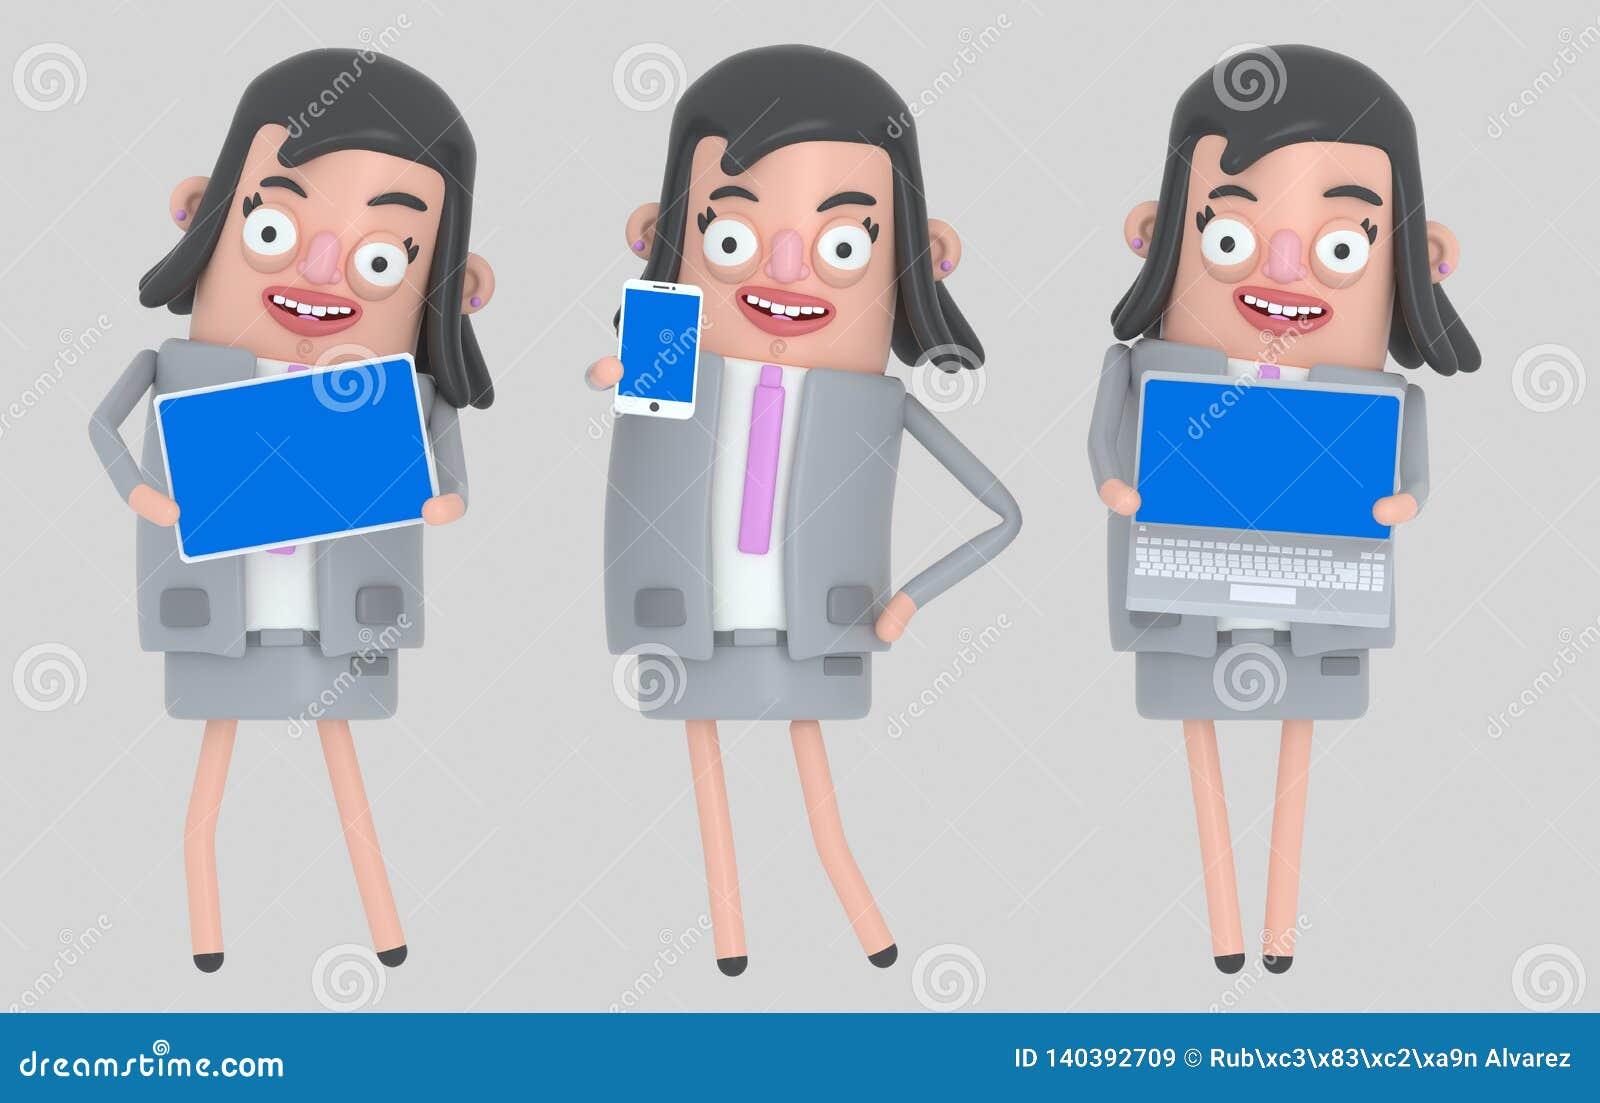 Biznesowej kobiety mienia laptop, smarthone i pastylka błękitny ekran, odosobniony